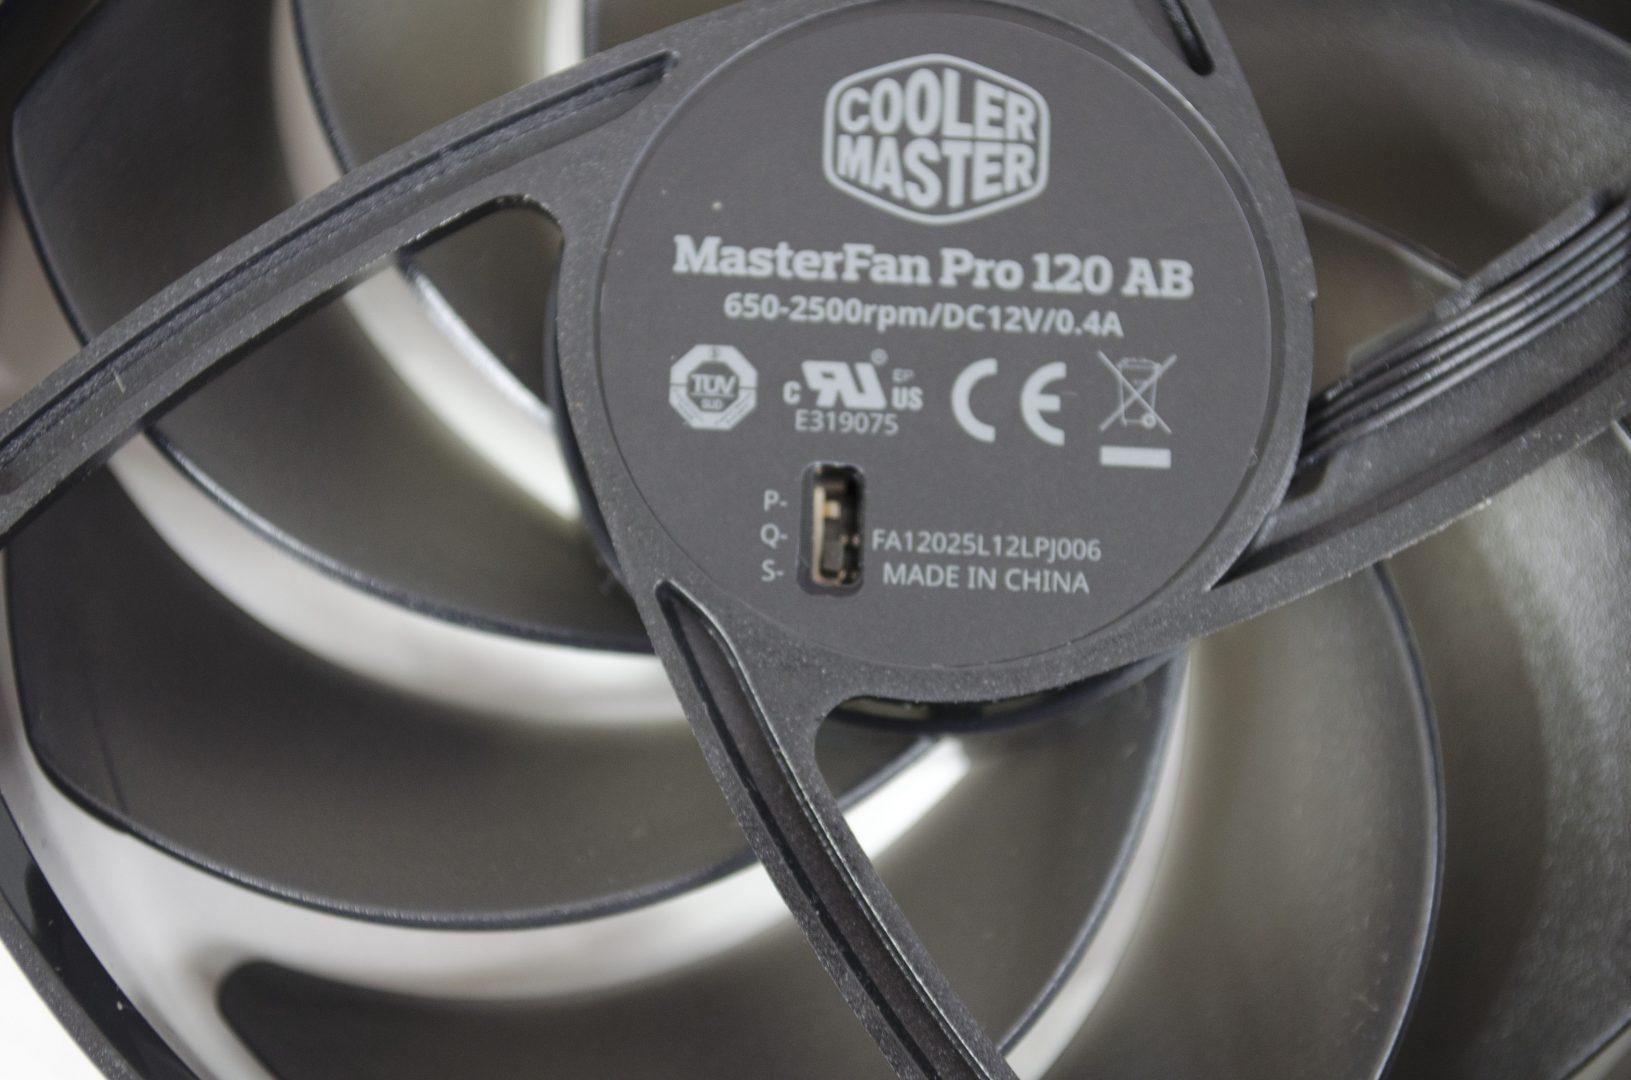 cooler-master-masterfan-pro-range-review_10